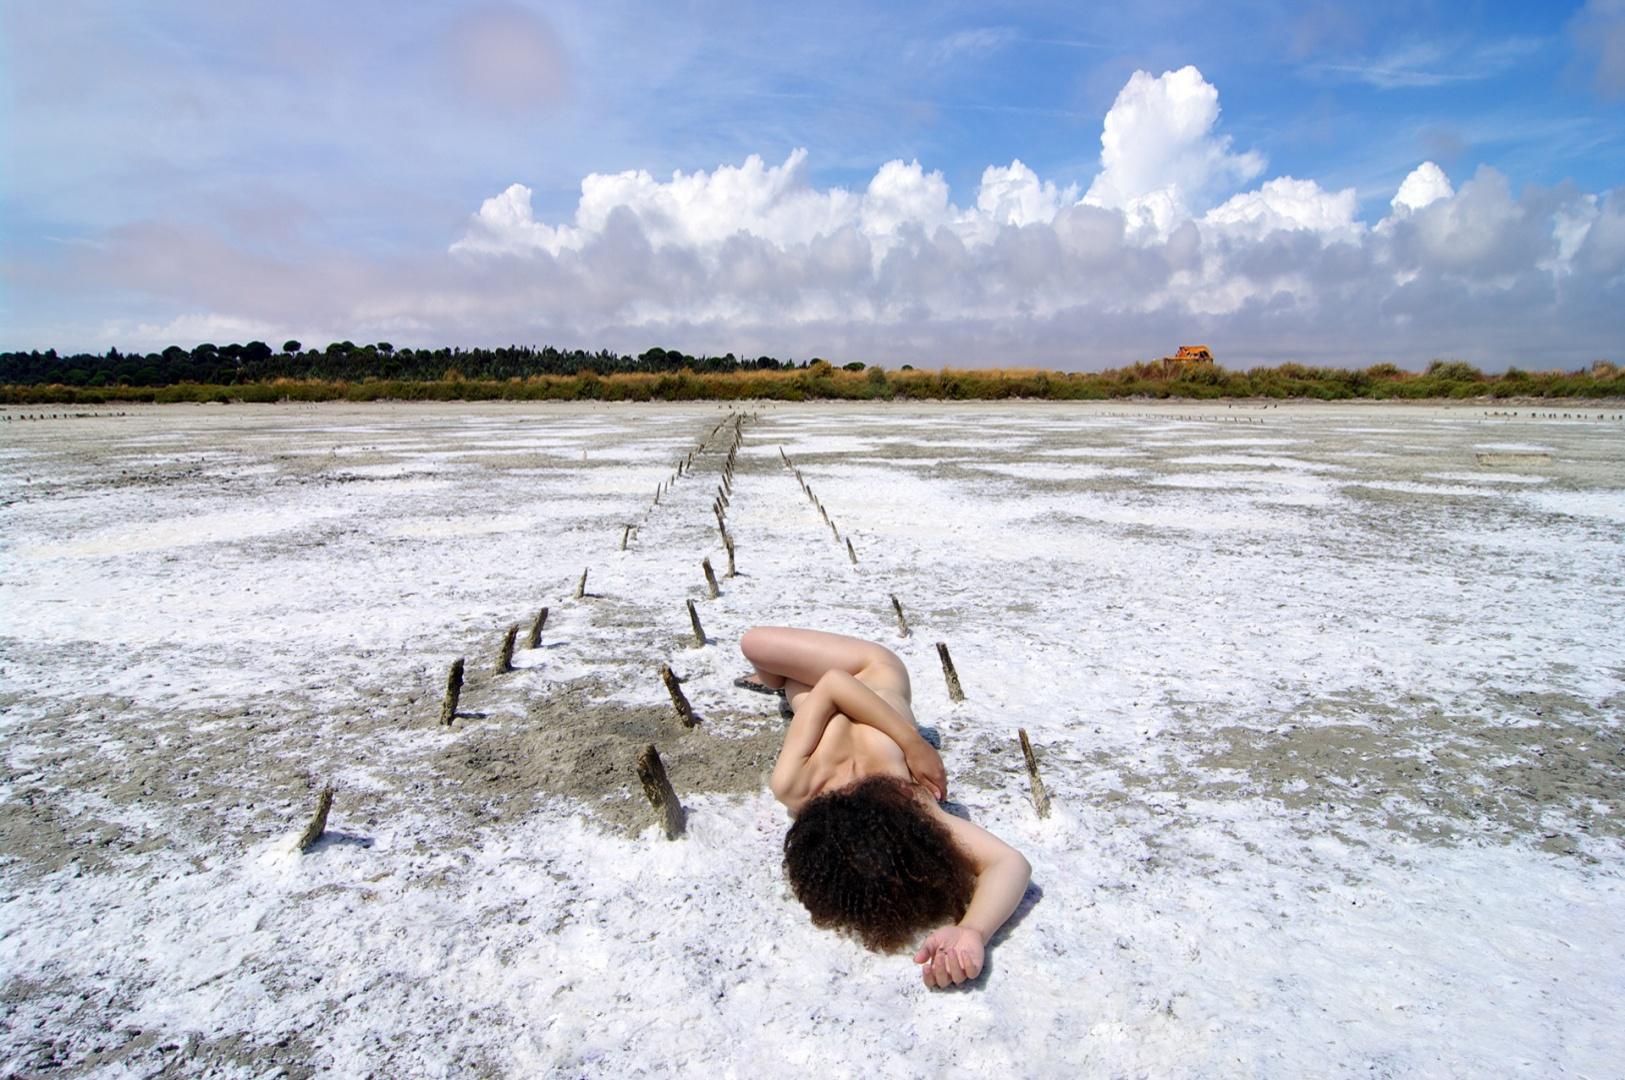 Nus/entre a brancura do sal e das nuvens